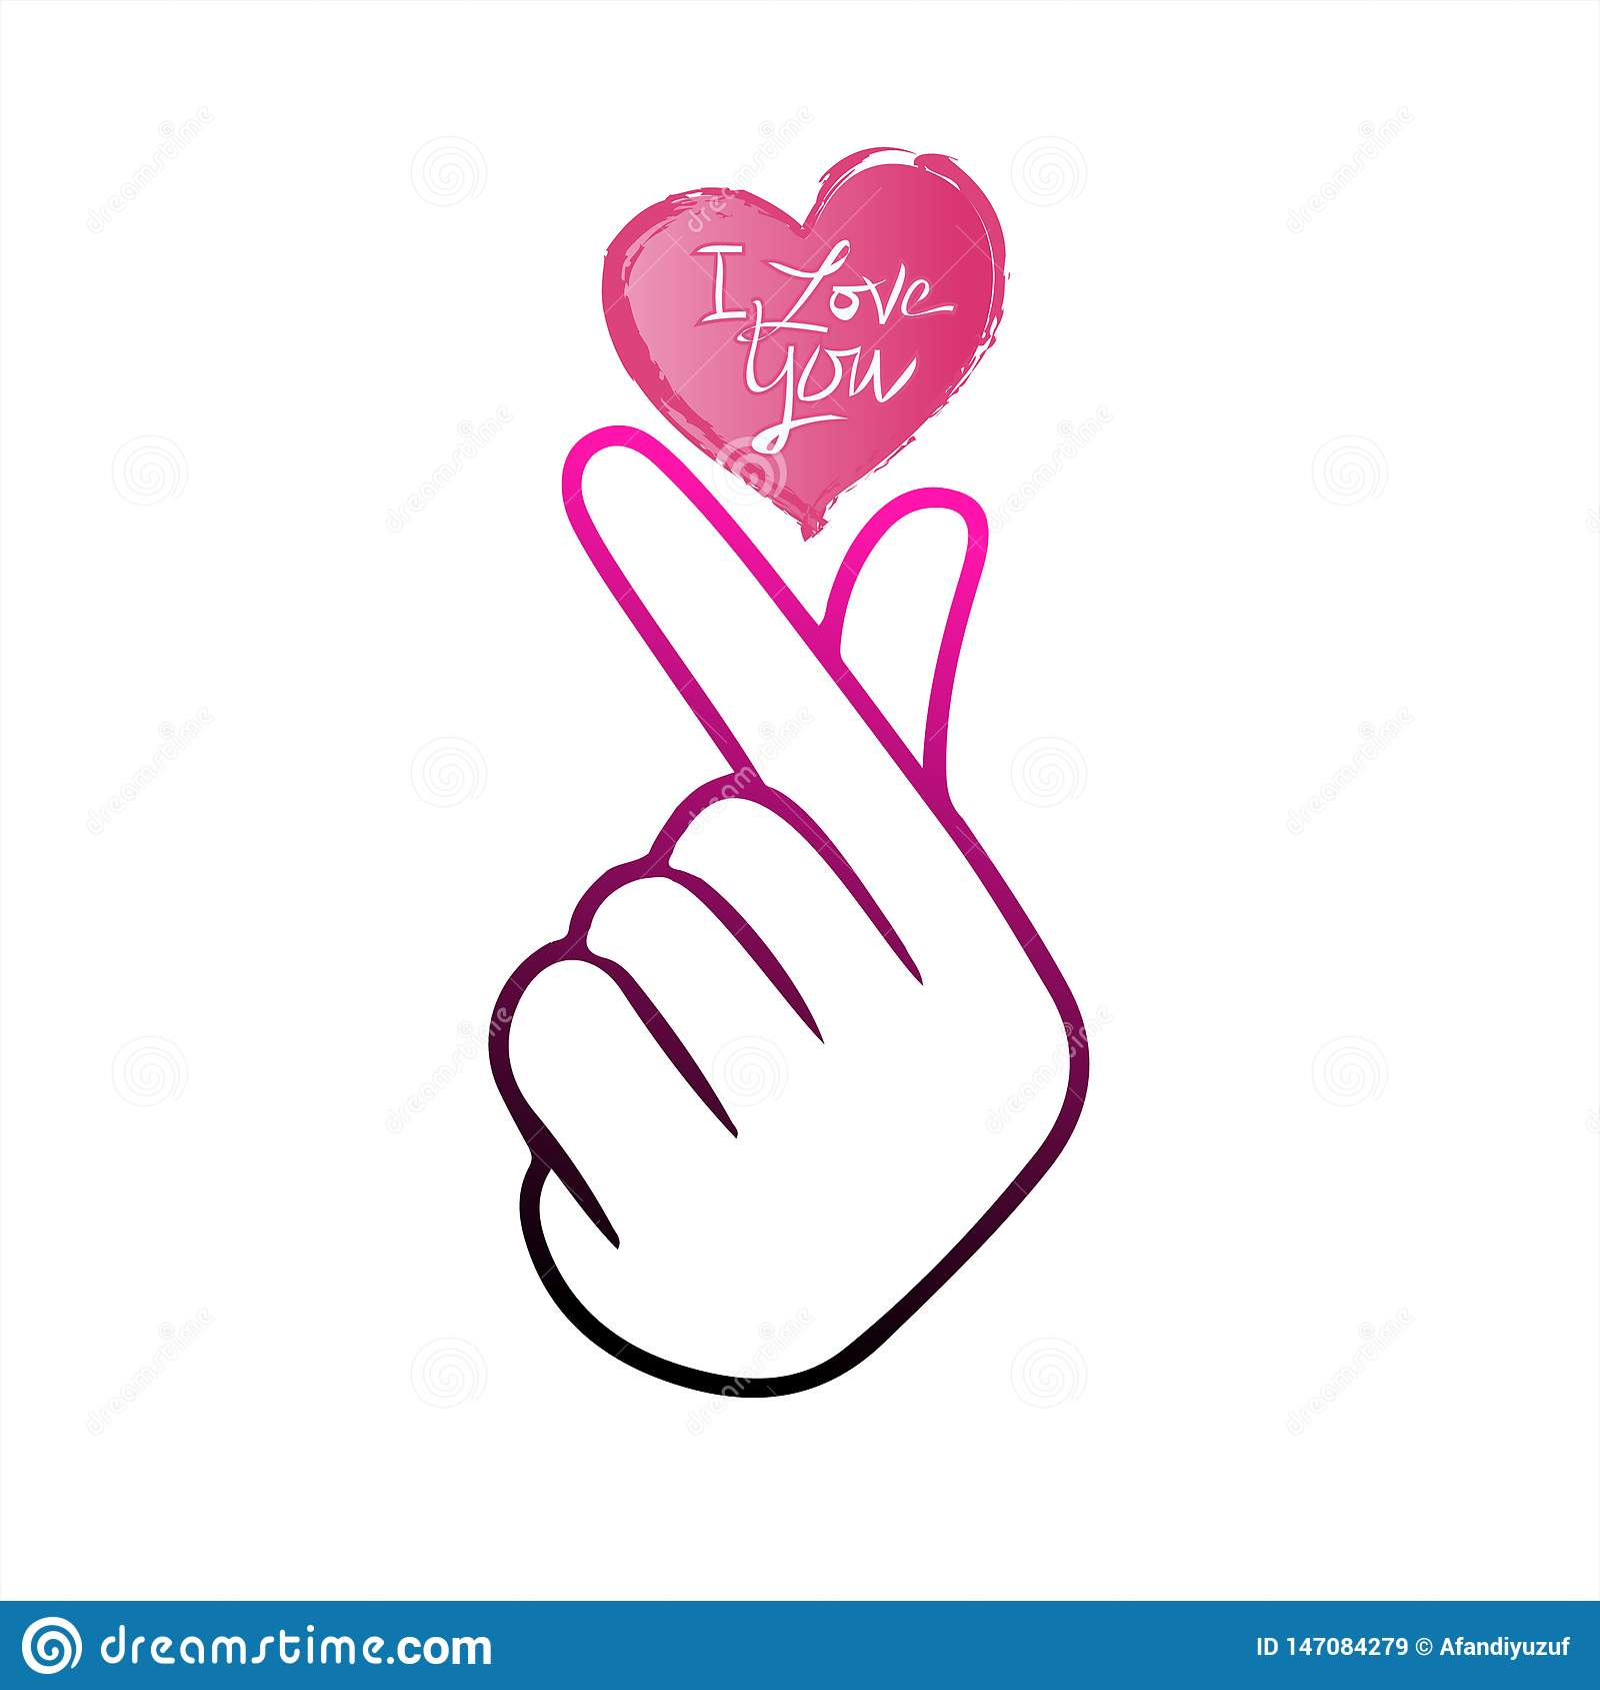 Koreanisches Finger-Herz ?ich Liebe Dich ?Hangeul